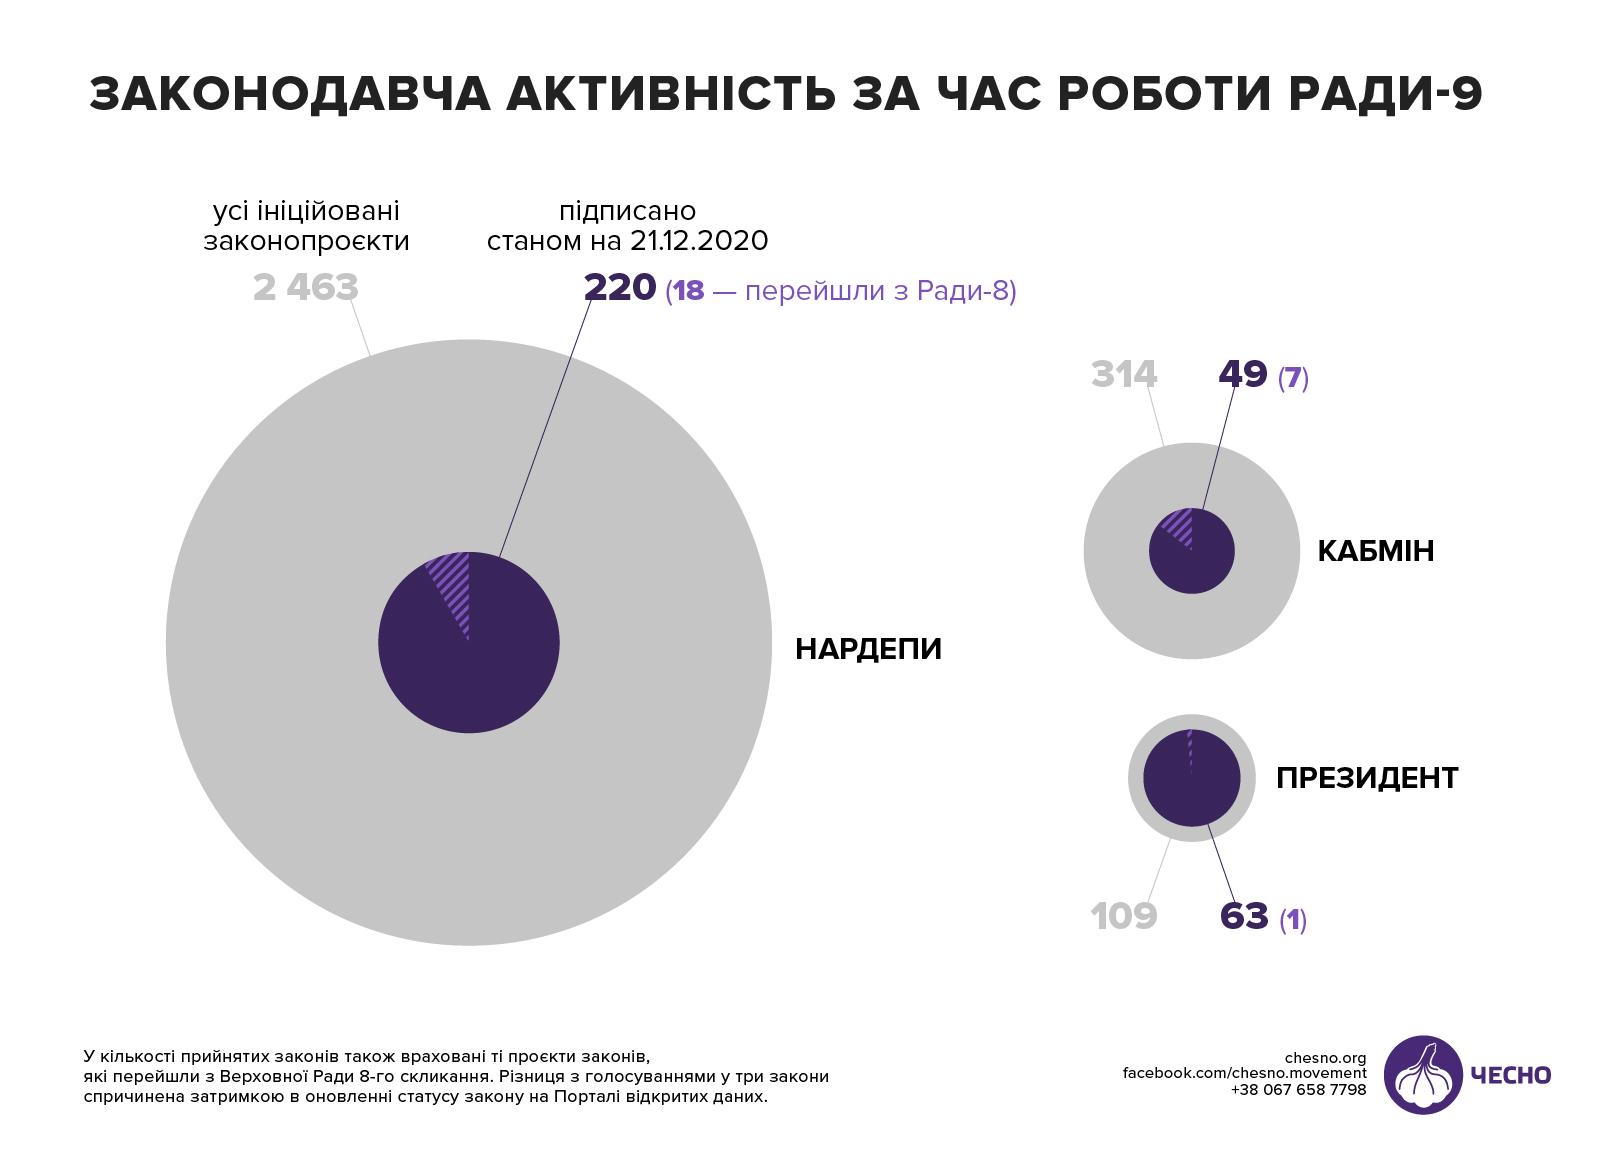 Депутатский нажим: 14 графиков, объясняющих, чем занимались народные избранники в 2020-ом